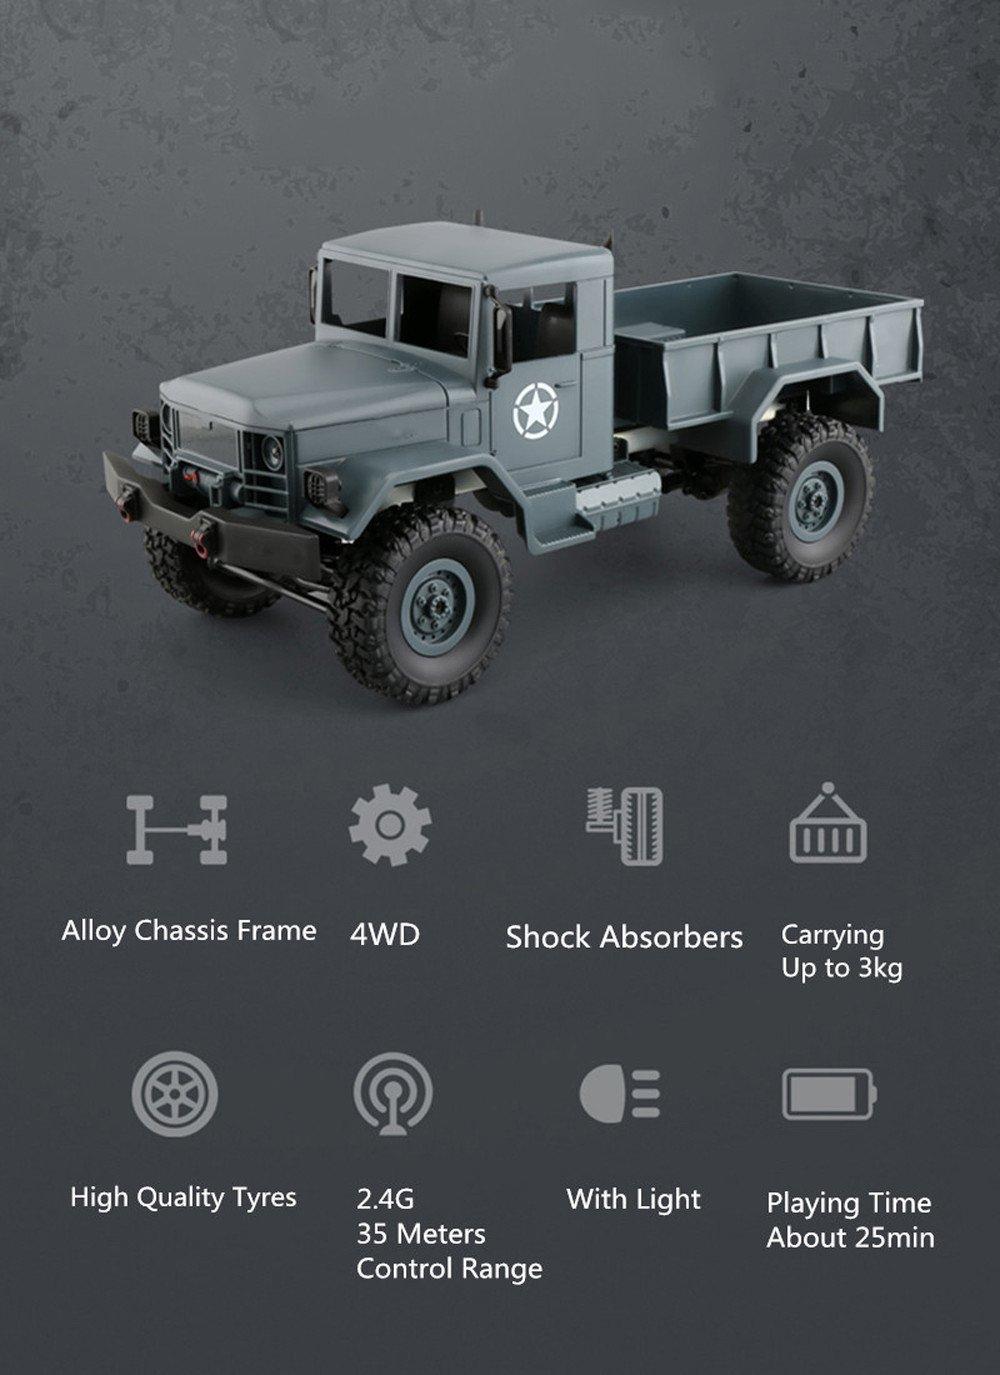 Militar Remoto Control InalámbricoAmamary De Camión 80PkOnwX